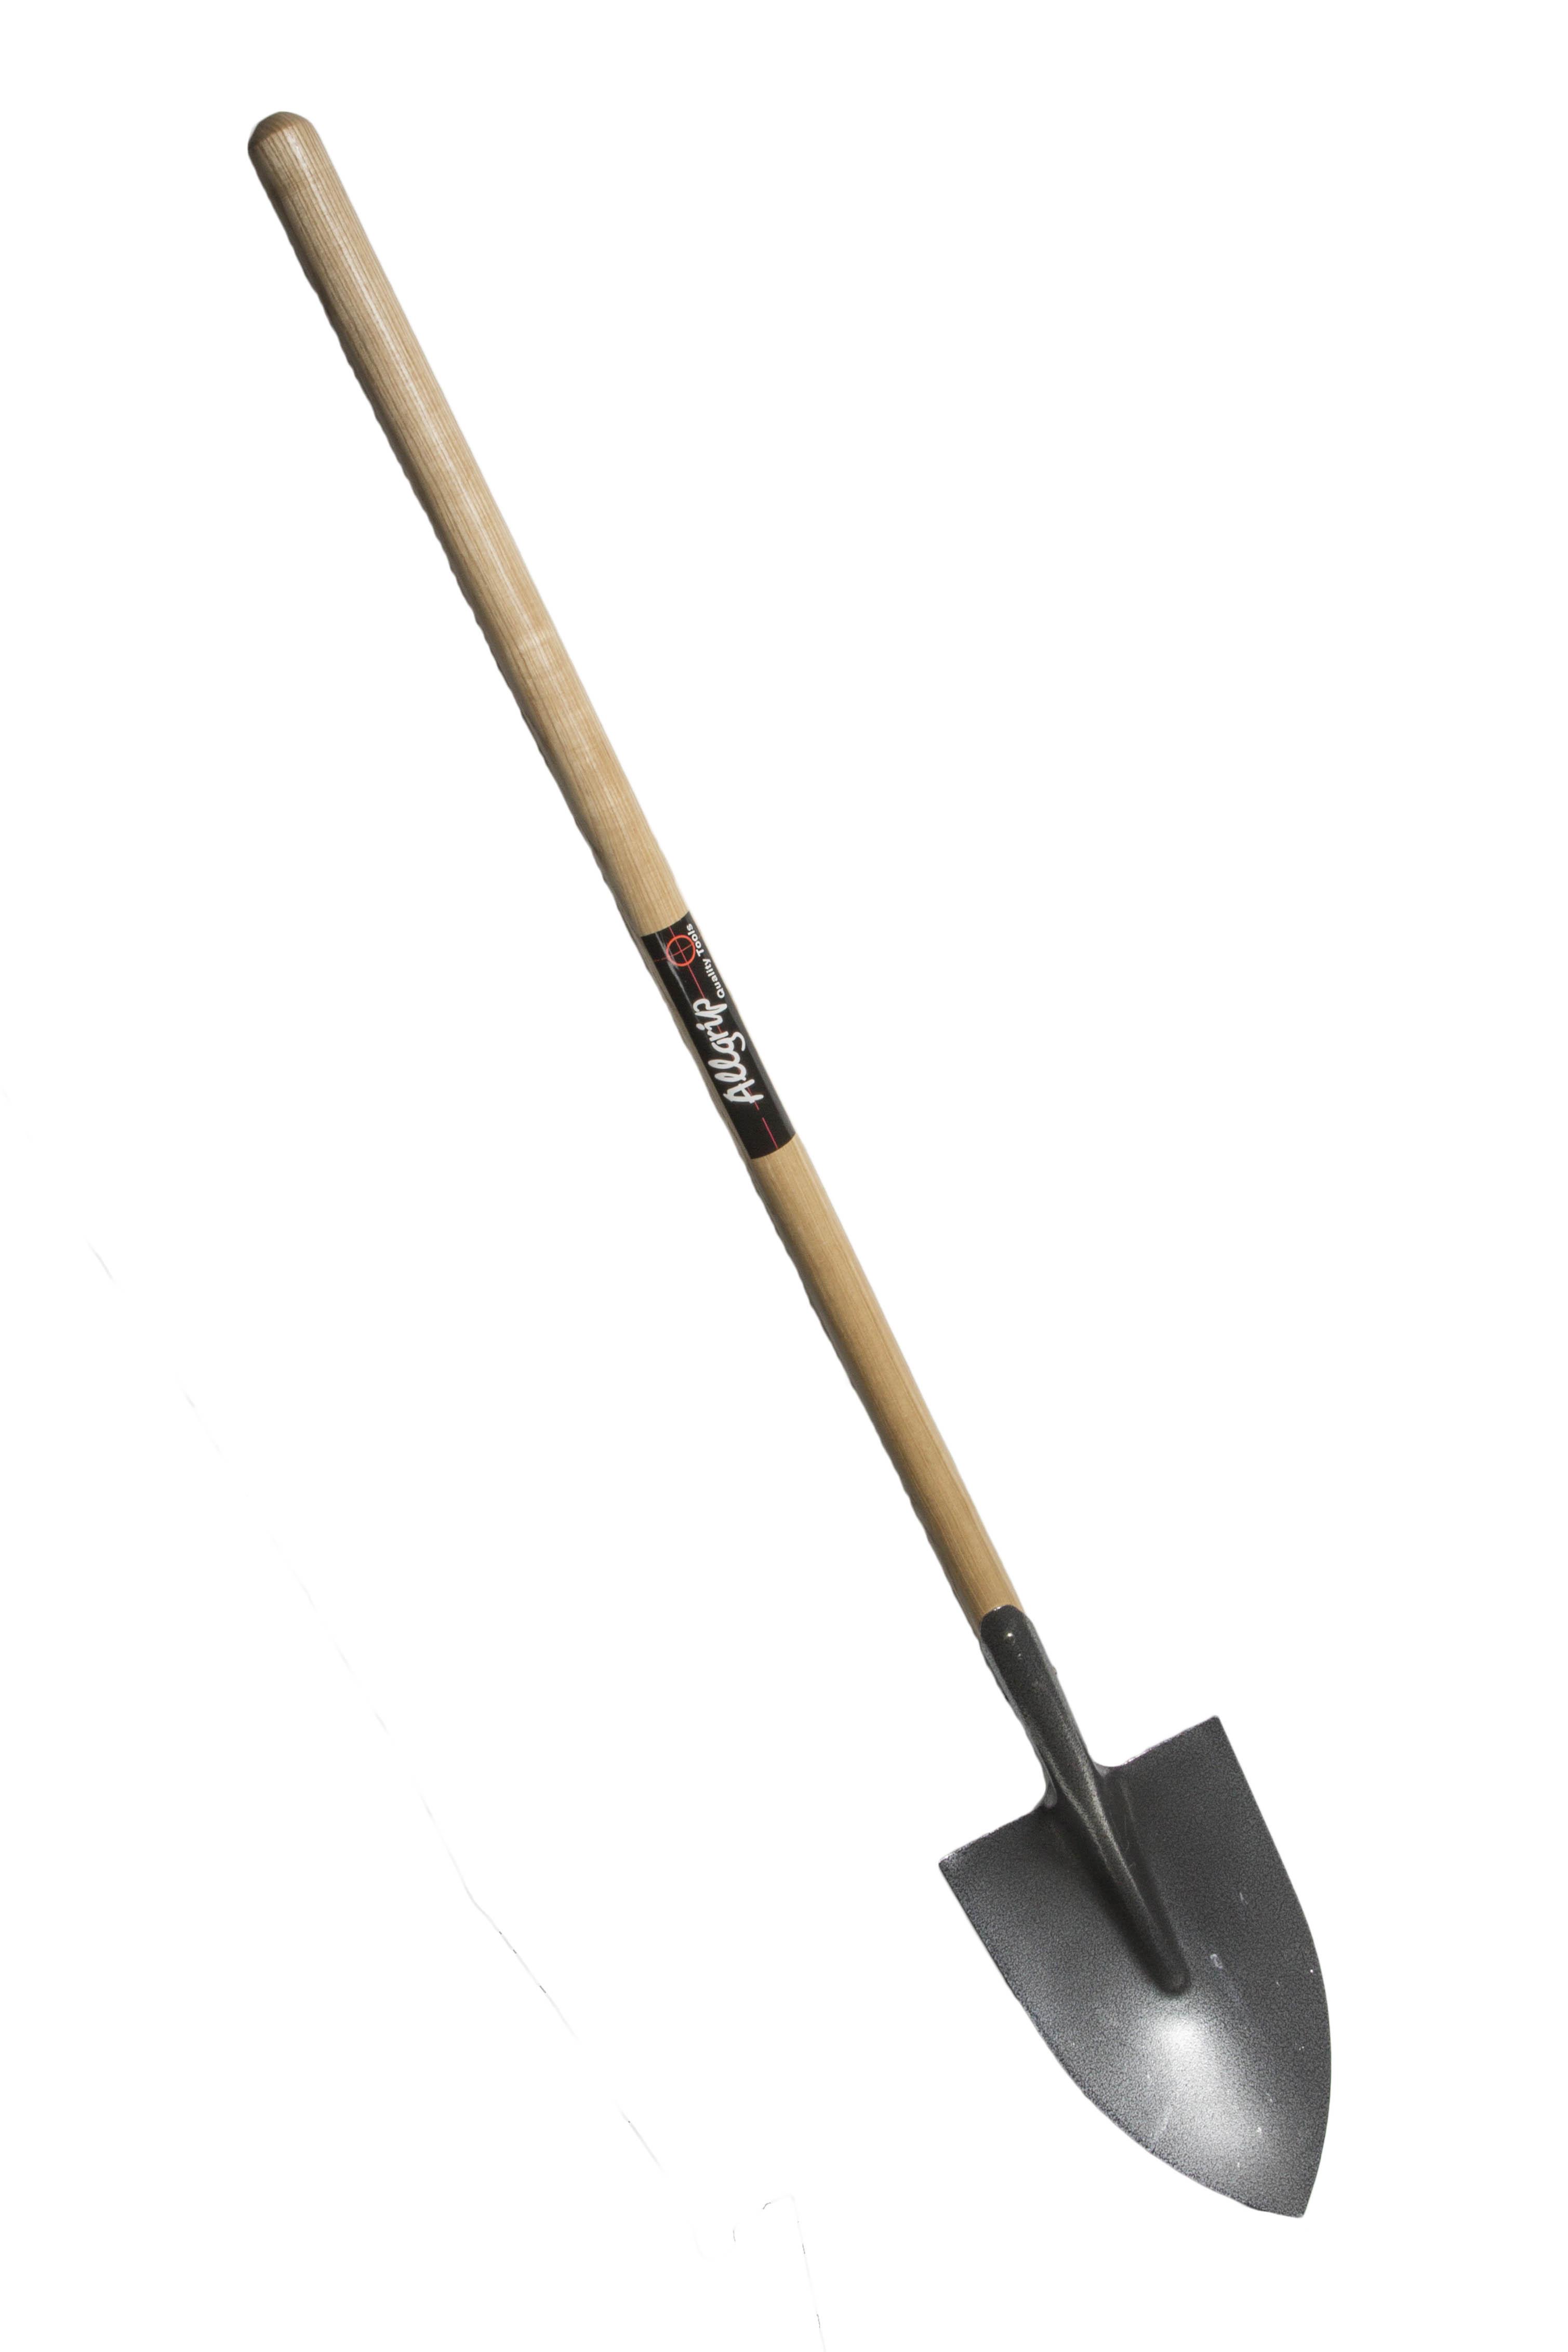 Irish Shovel 4ft